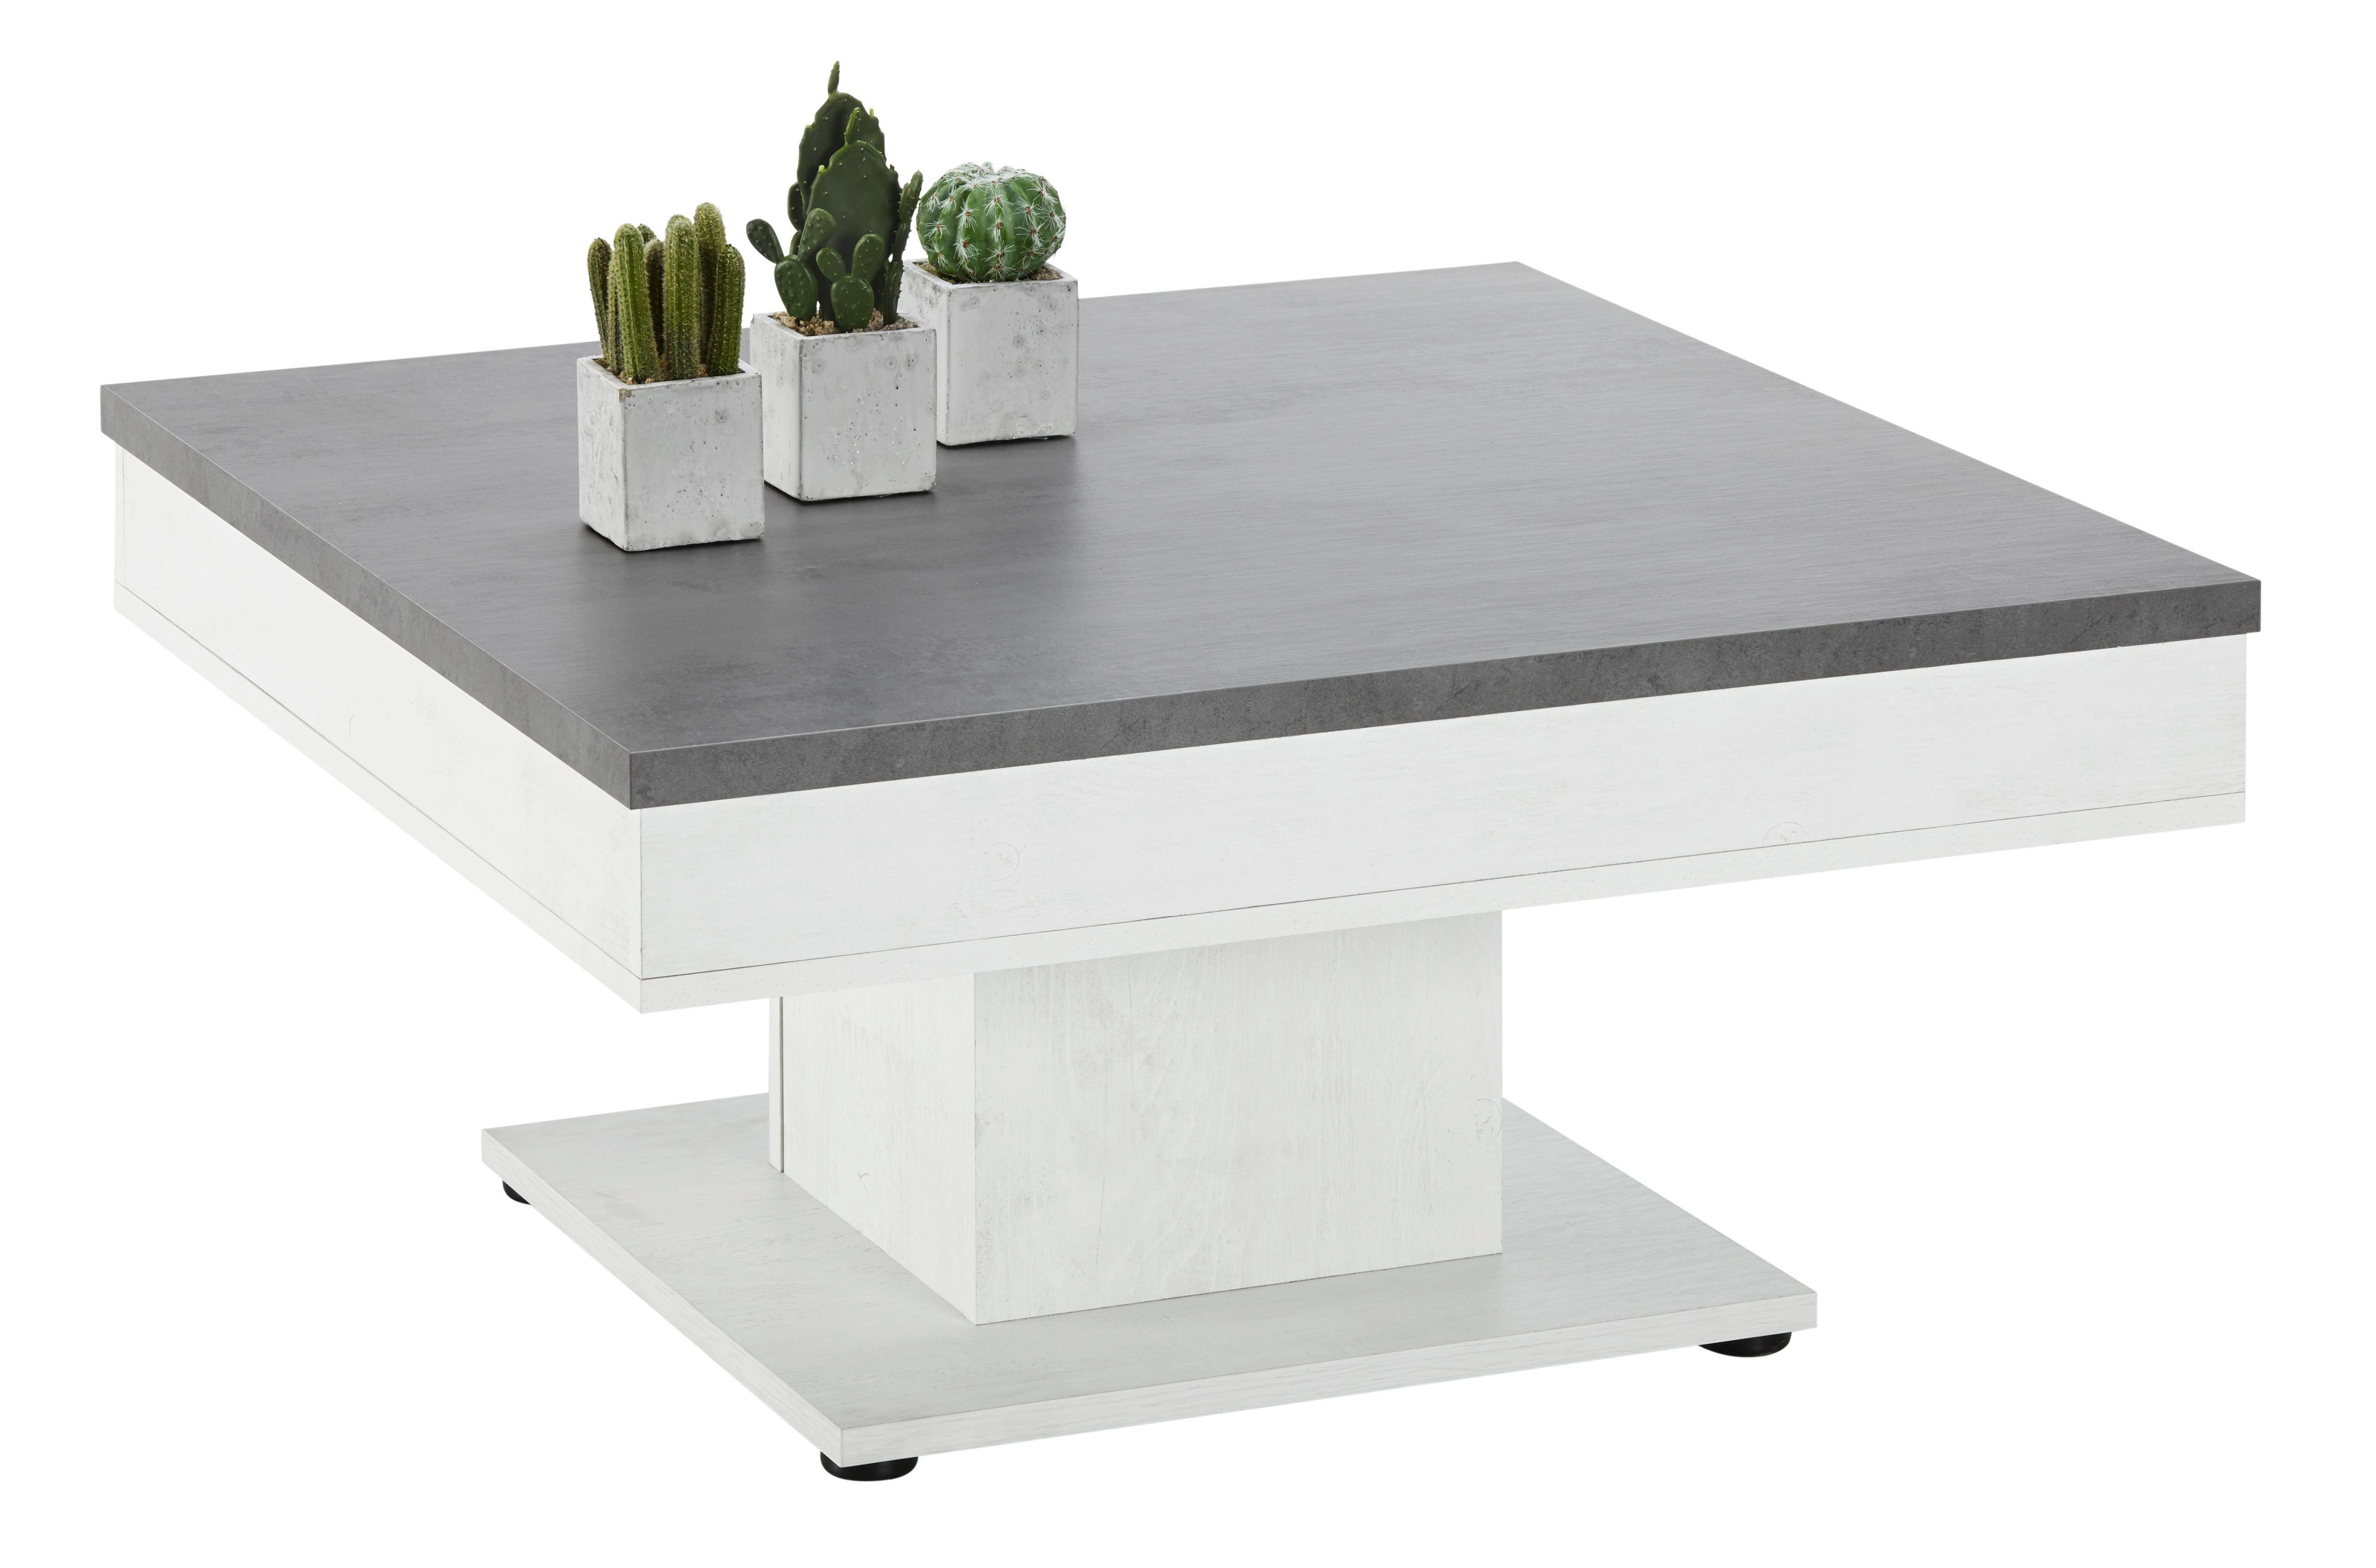 99 fazit das sollten sie bei der wahl ihres couchtischs beachten landhausstil. Black Bedroom Furniture Sets. Home Design Ideas